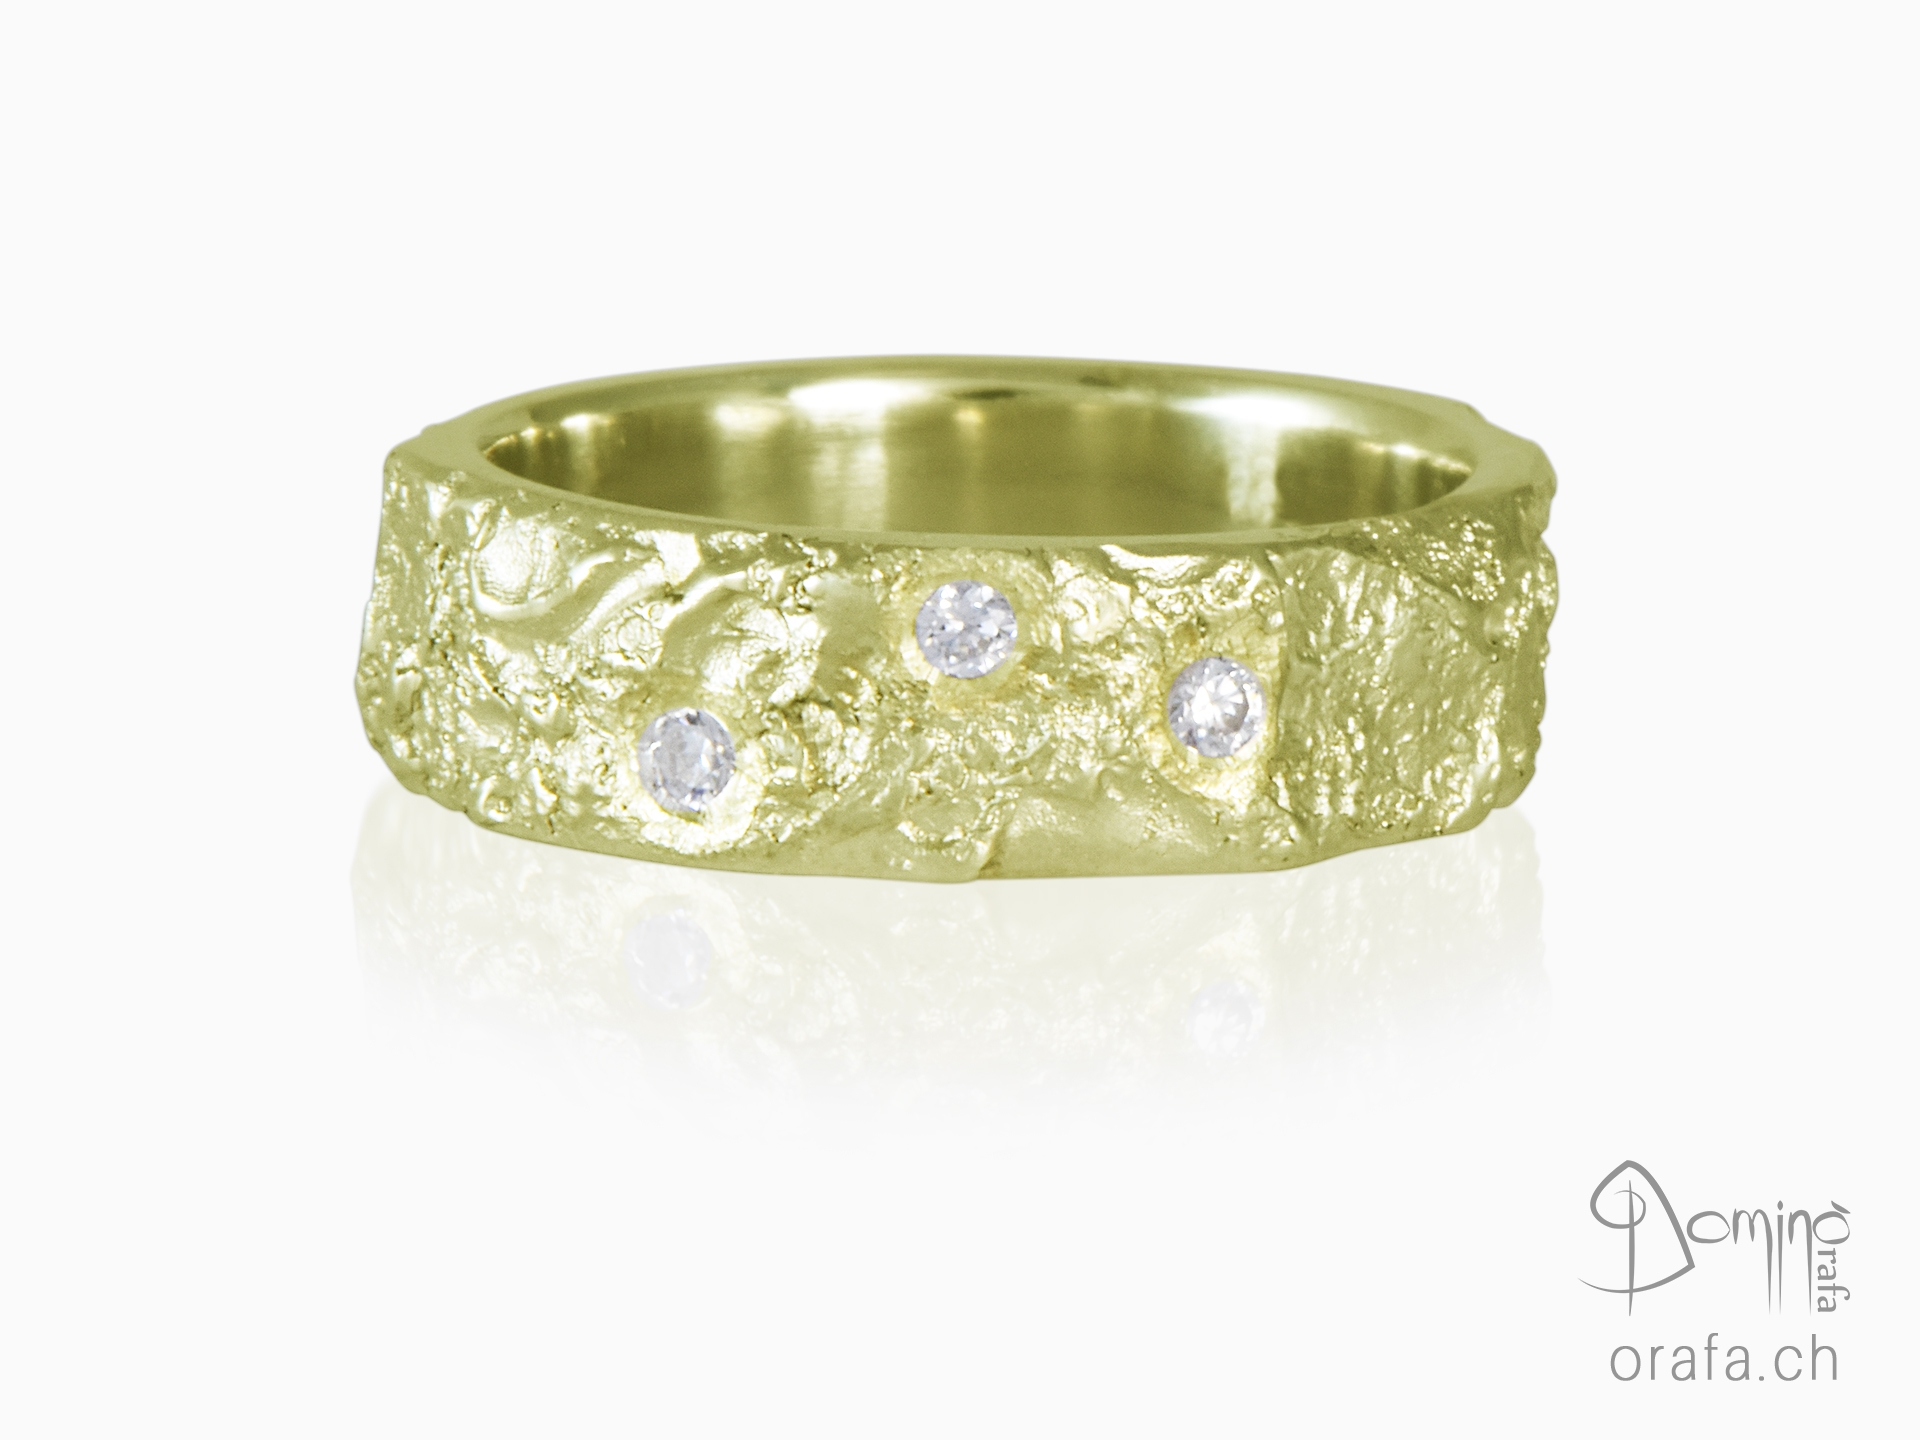 Oceano ring with diamonds